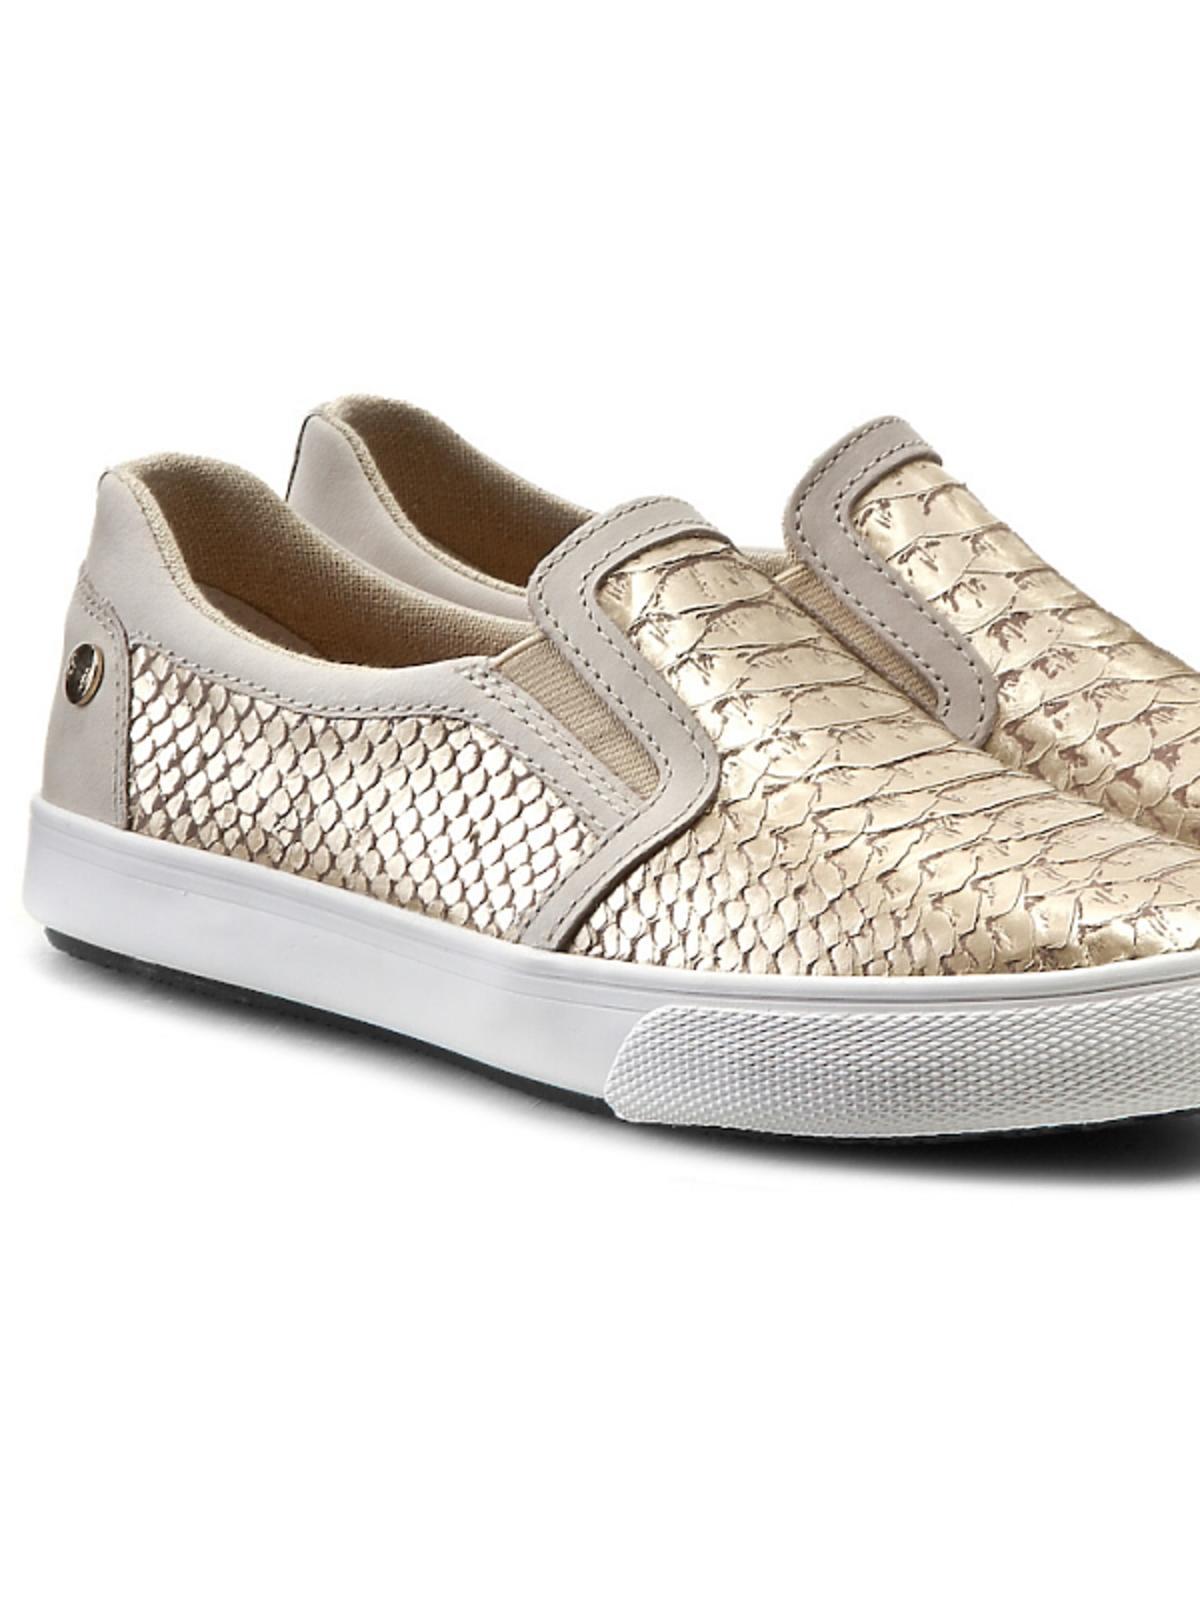 metaliczne buty na płaskiej podeszwie w złotym kolorze